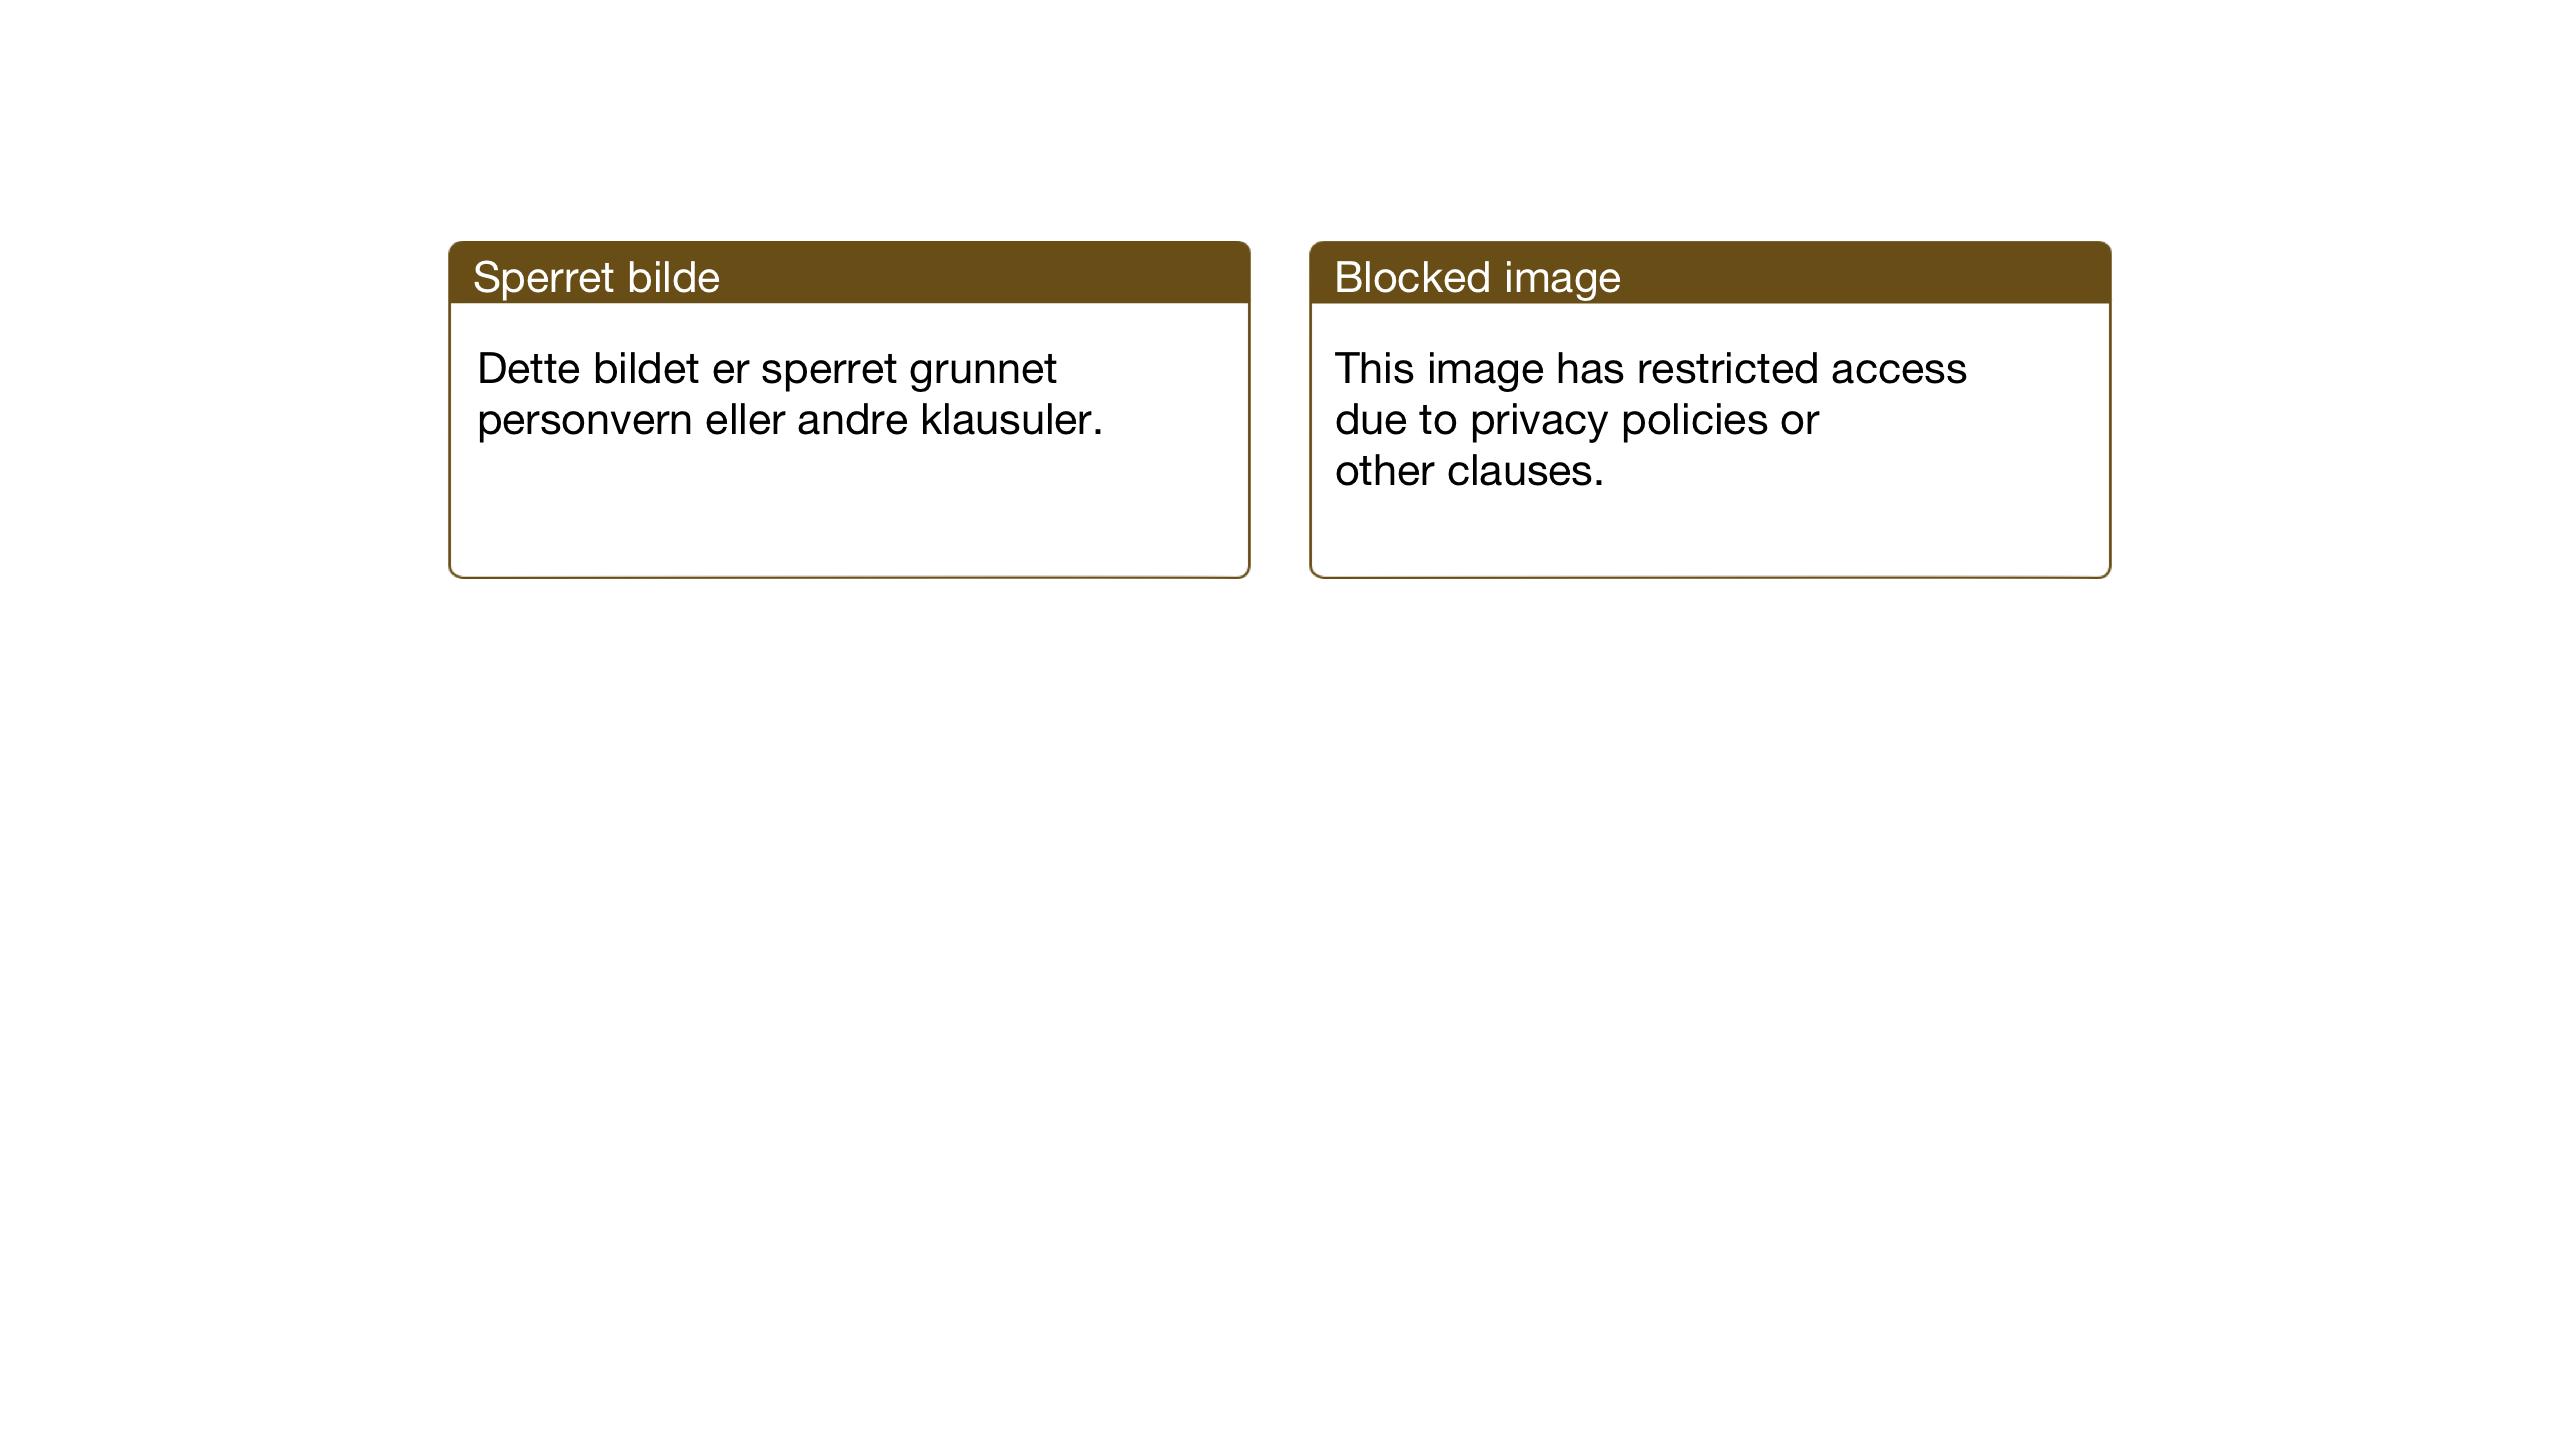 SAT, Ministerialprotokoller, klokkerbøker og fødselsregistre - Sør-Trøndelag, 640/L0590: Klokkerbok nr. 640C07, 1935-1948, s. 219